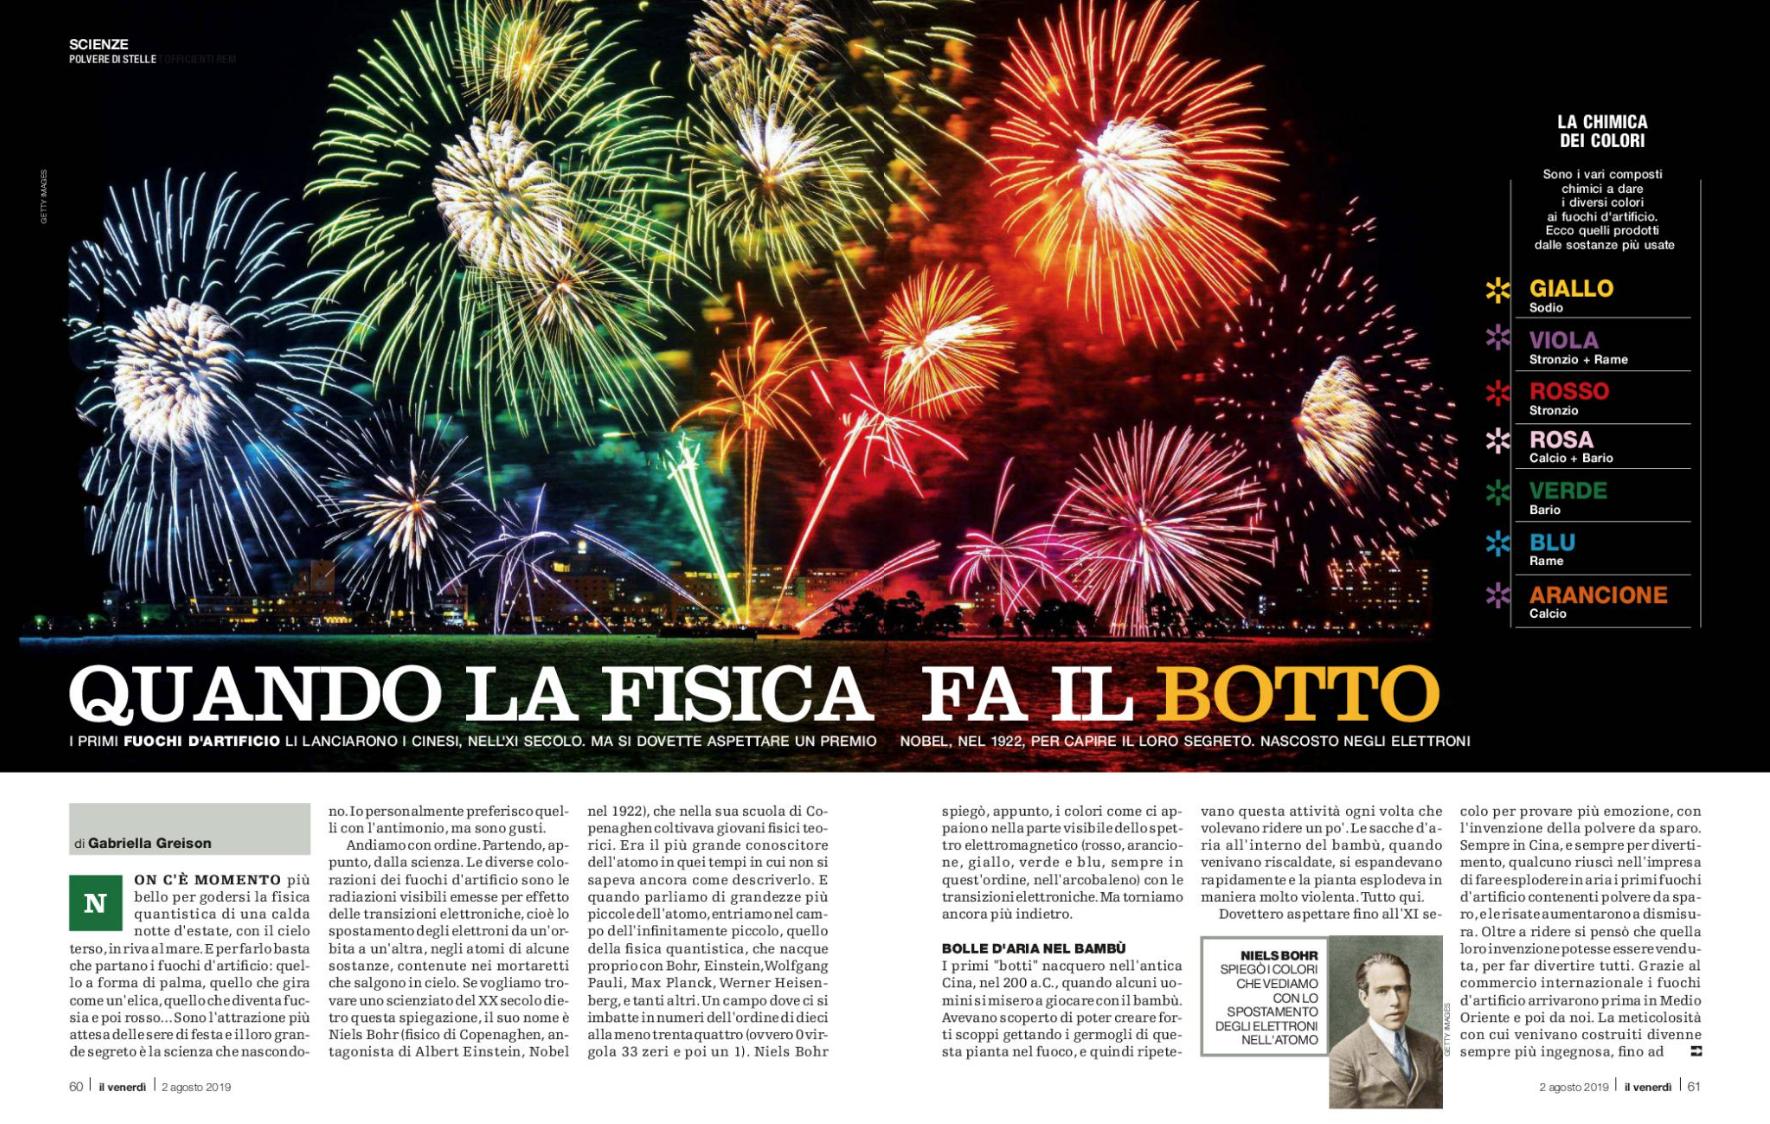 Un mio pezzo sul Venerdì di Repubblica con il racconto scientifico dei fuochi d'artificio (come nascono, cosa succede dentro, perchè i colori), e poi nuova puntata delle Pillole di Fisica…